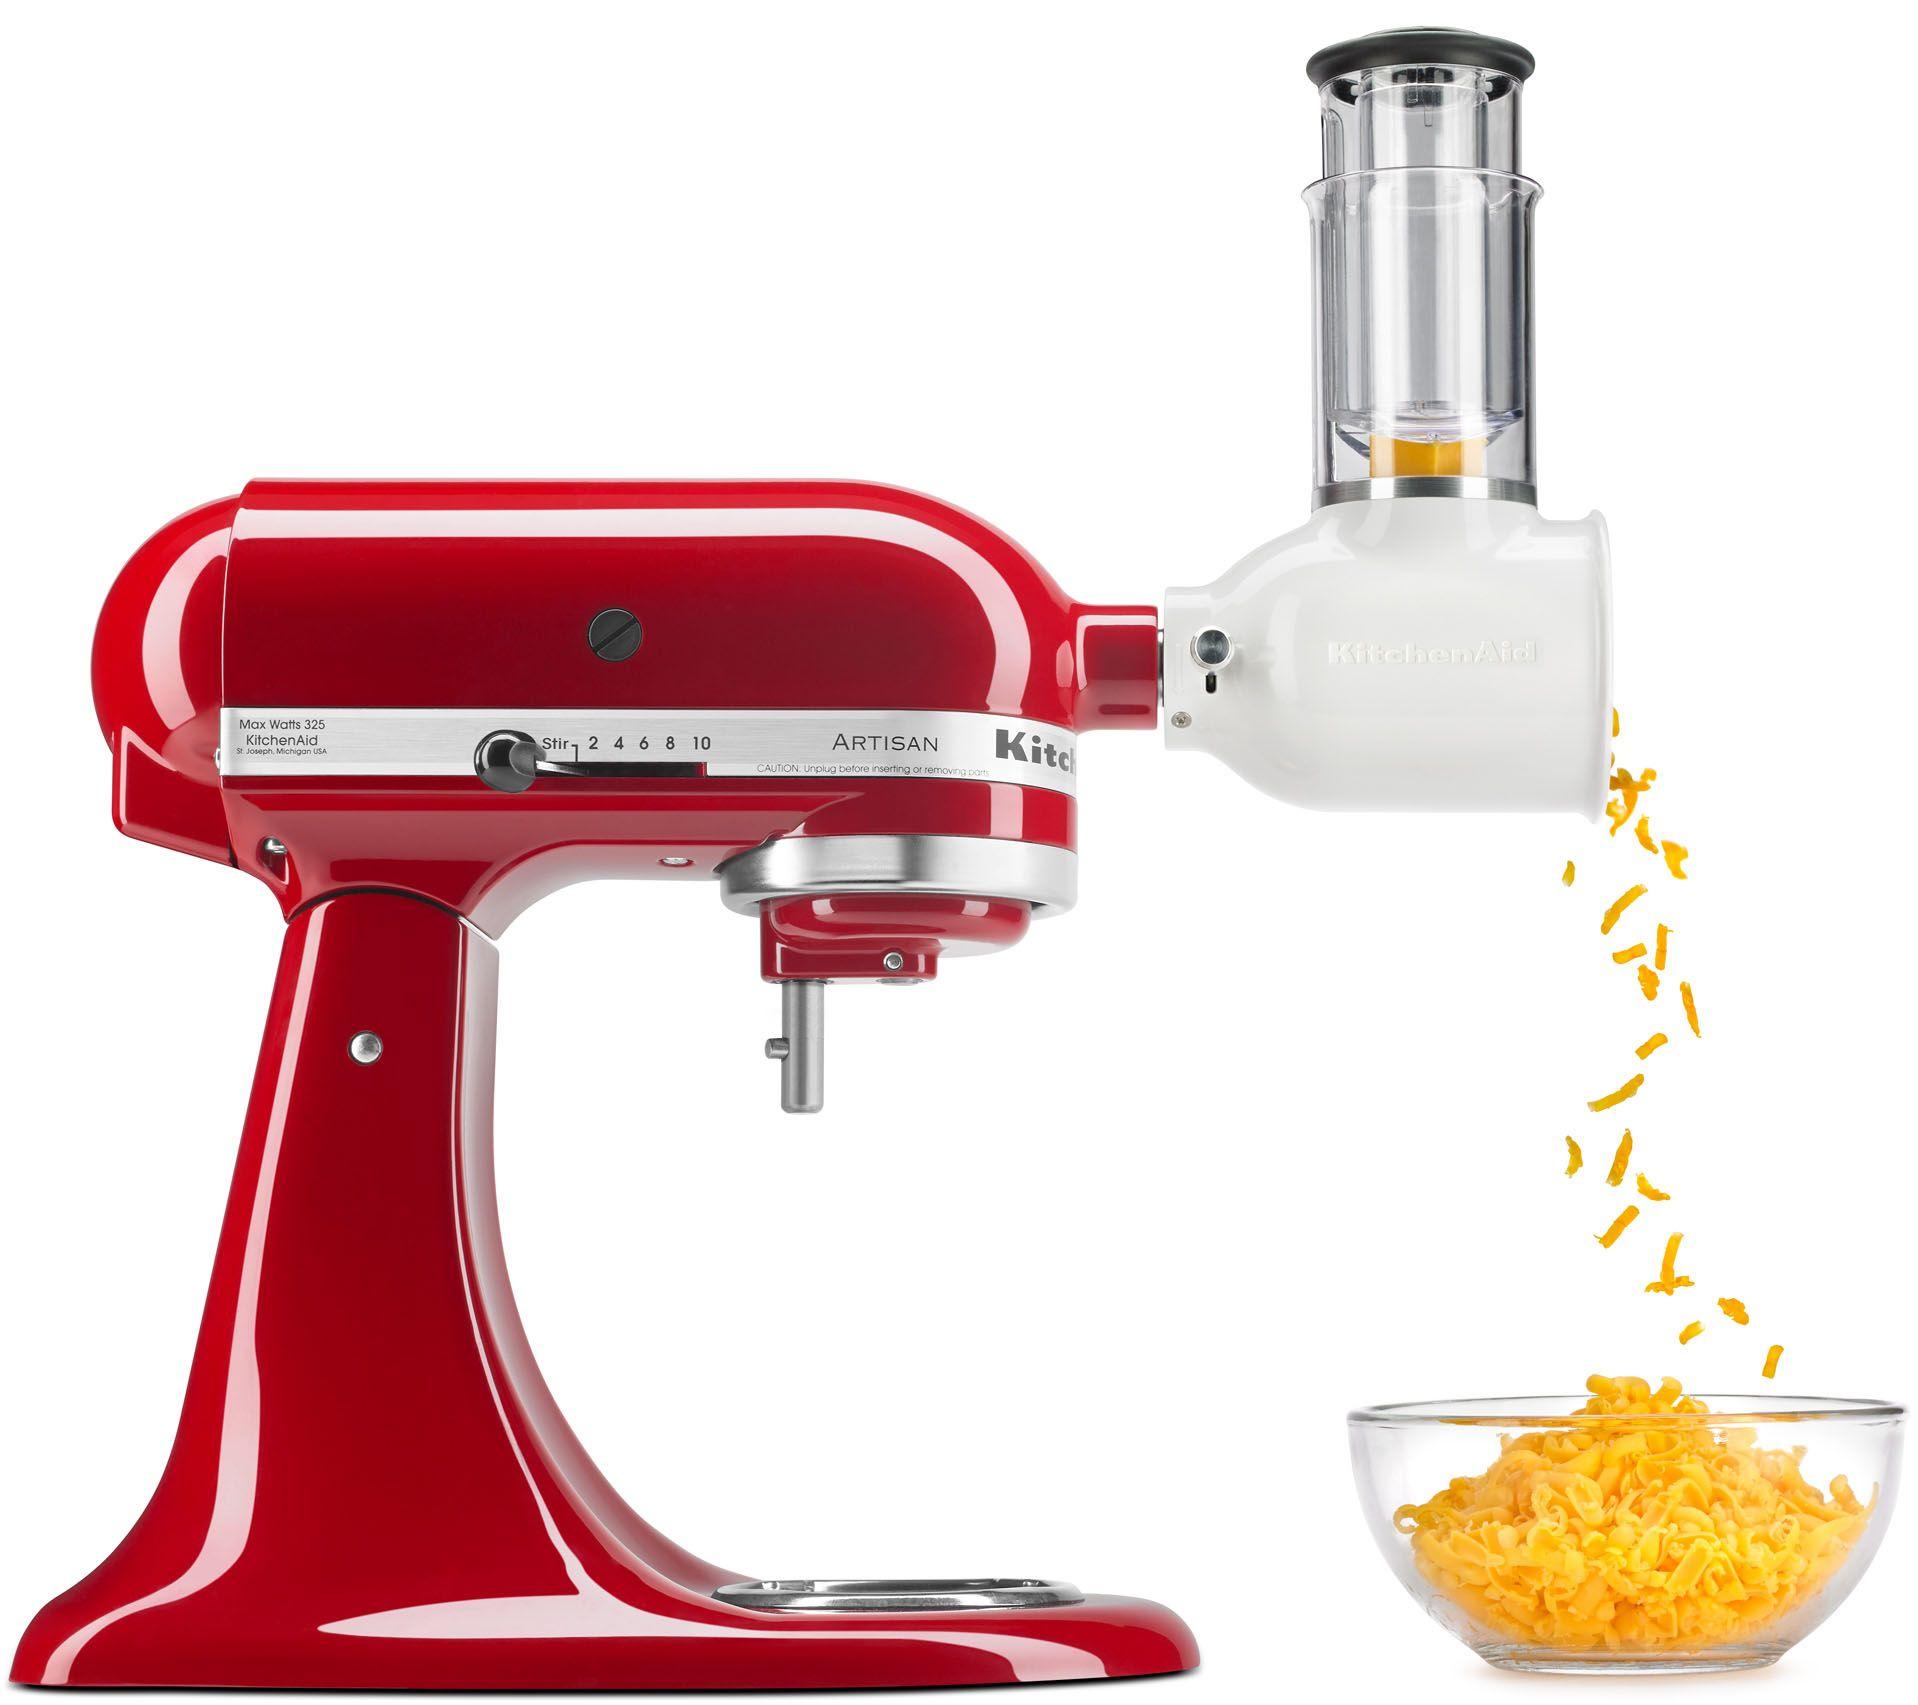 Kitchenaid Slicer Cook on one touch slicer, oxo slicer, kitchen shredder slicer, electric slicer, cutco slicer, waring slicer, chicago cutlery slicer, chef's slicer, cuisinart mandolin slicer, as seen on tv slicer, garlic slicer, chefmate slicer, benriner slicer, banana slicer, progressive slicer, kitchen wizard slicer, hobart slicer, bosch slicer, paderno slicer, ninja kitchen slicer,